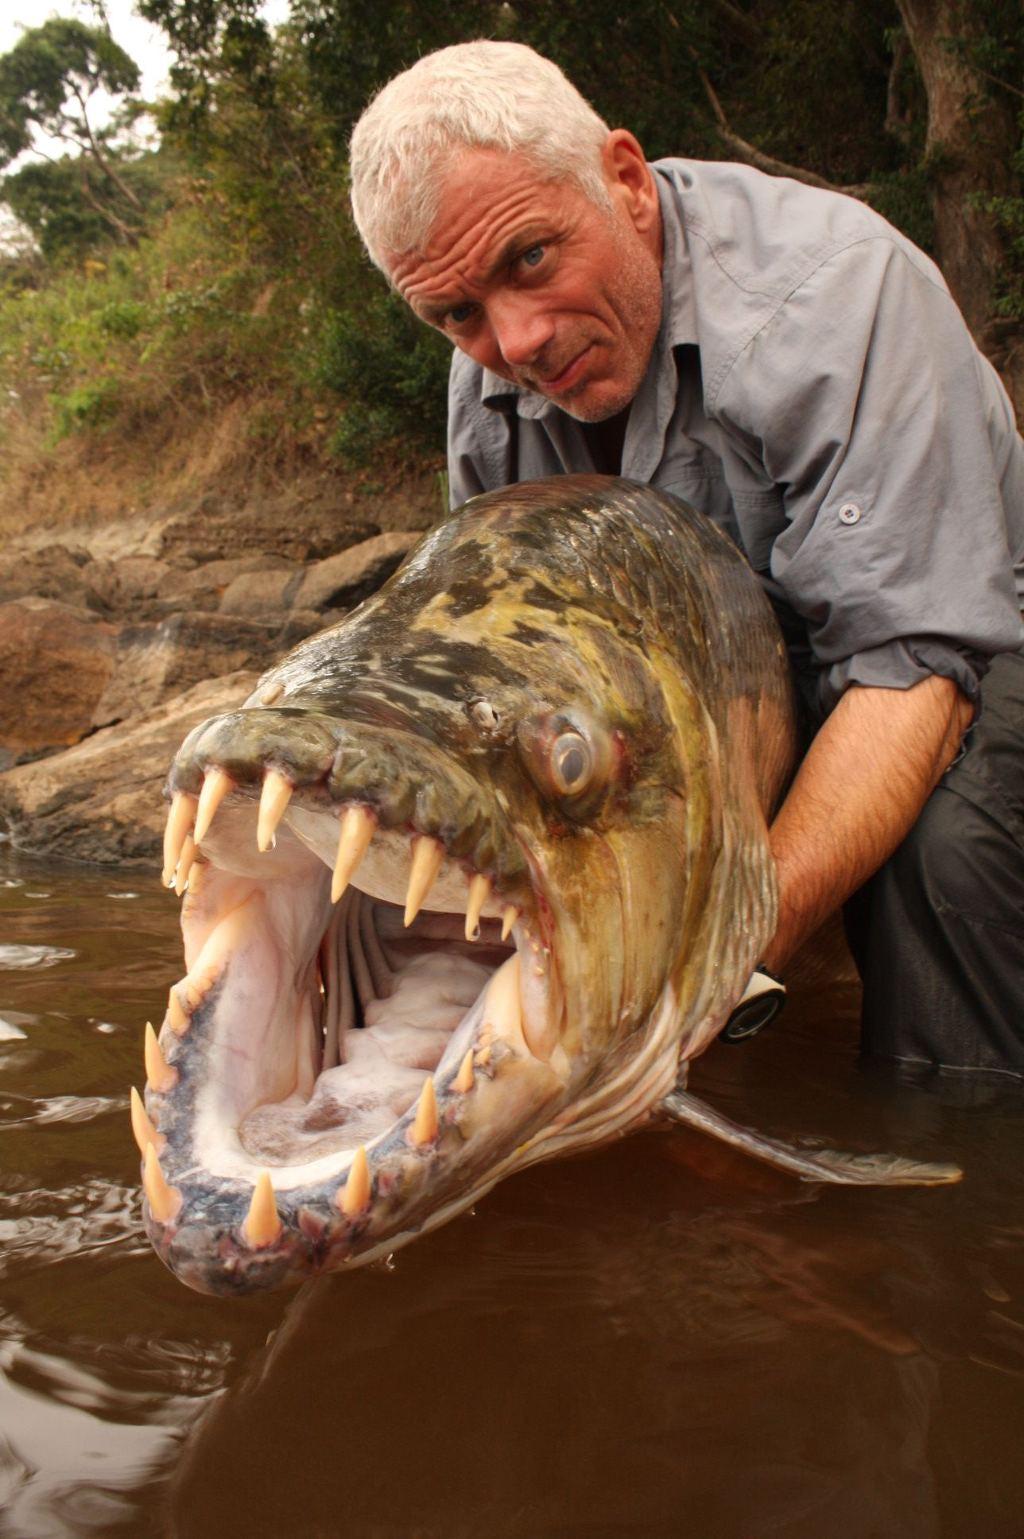 Trong 1 lần đi câu, ông đã săn được Goliath Tiger - loài cá có hàm răng to và sắc nhọn như dao cạo ở Congo.